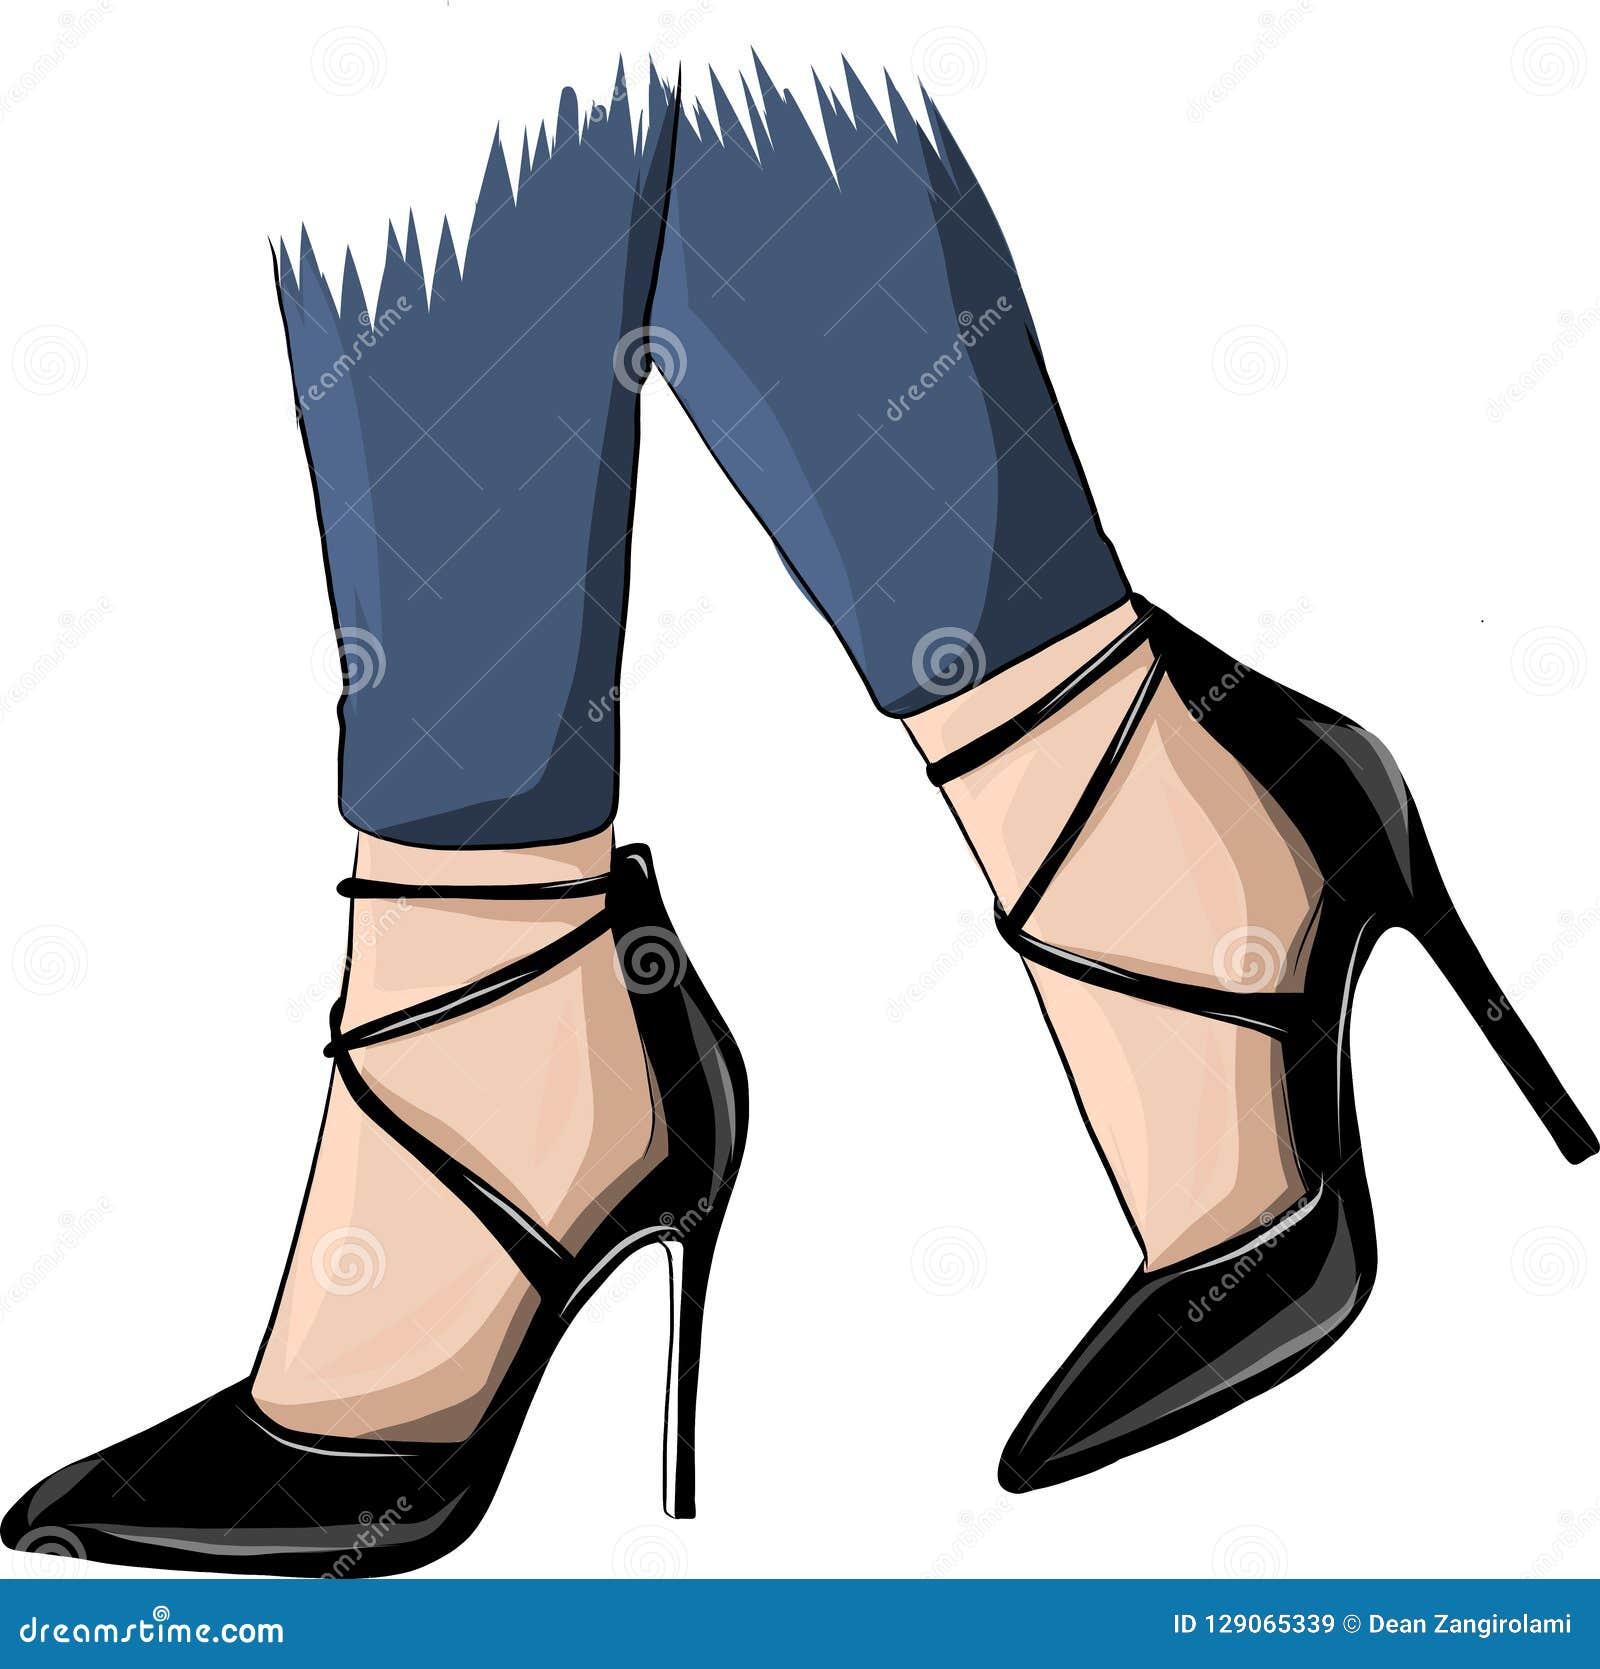 stile classico prodotti caldi calzature tacchi femminili